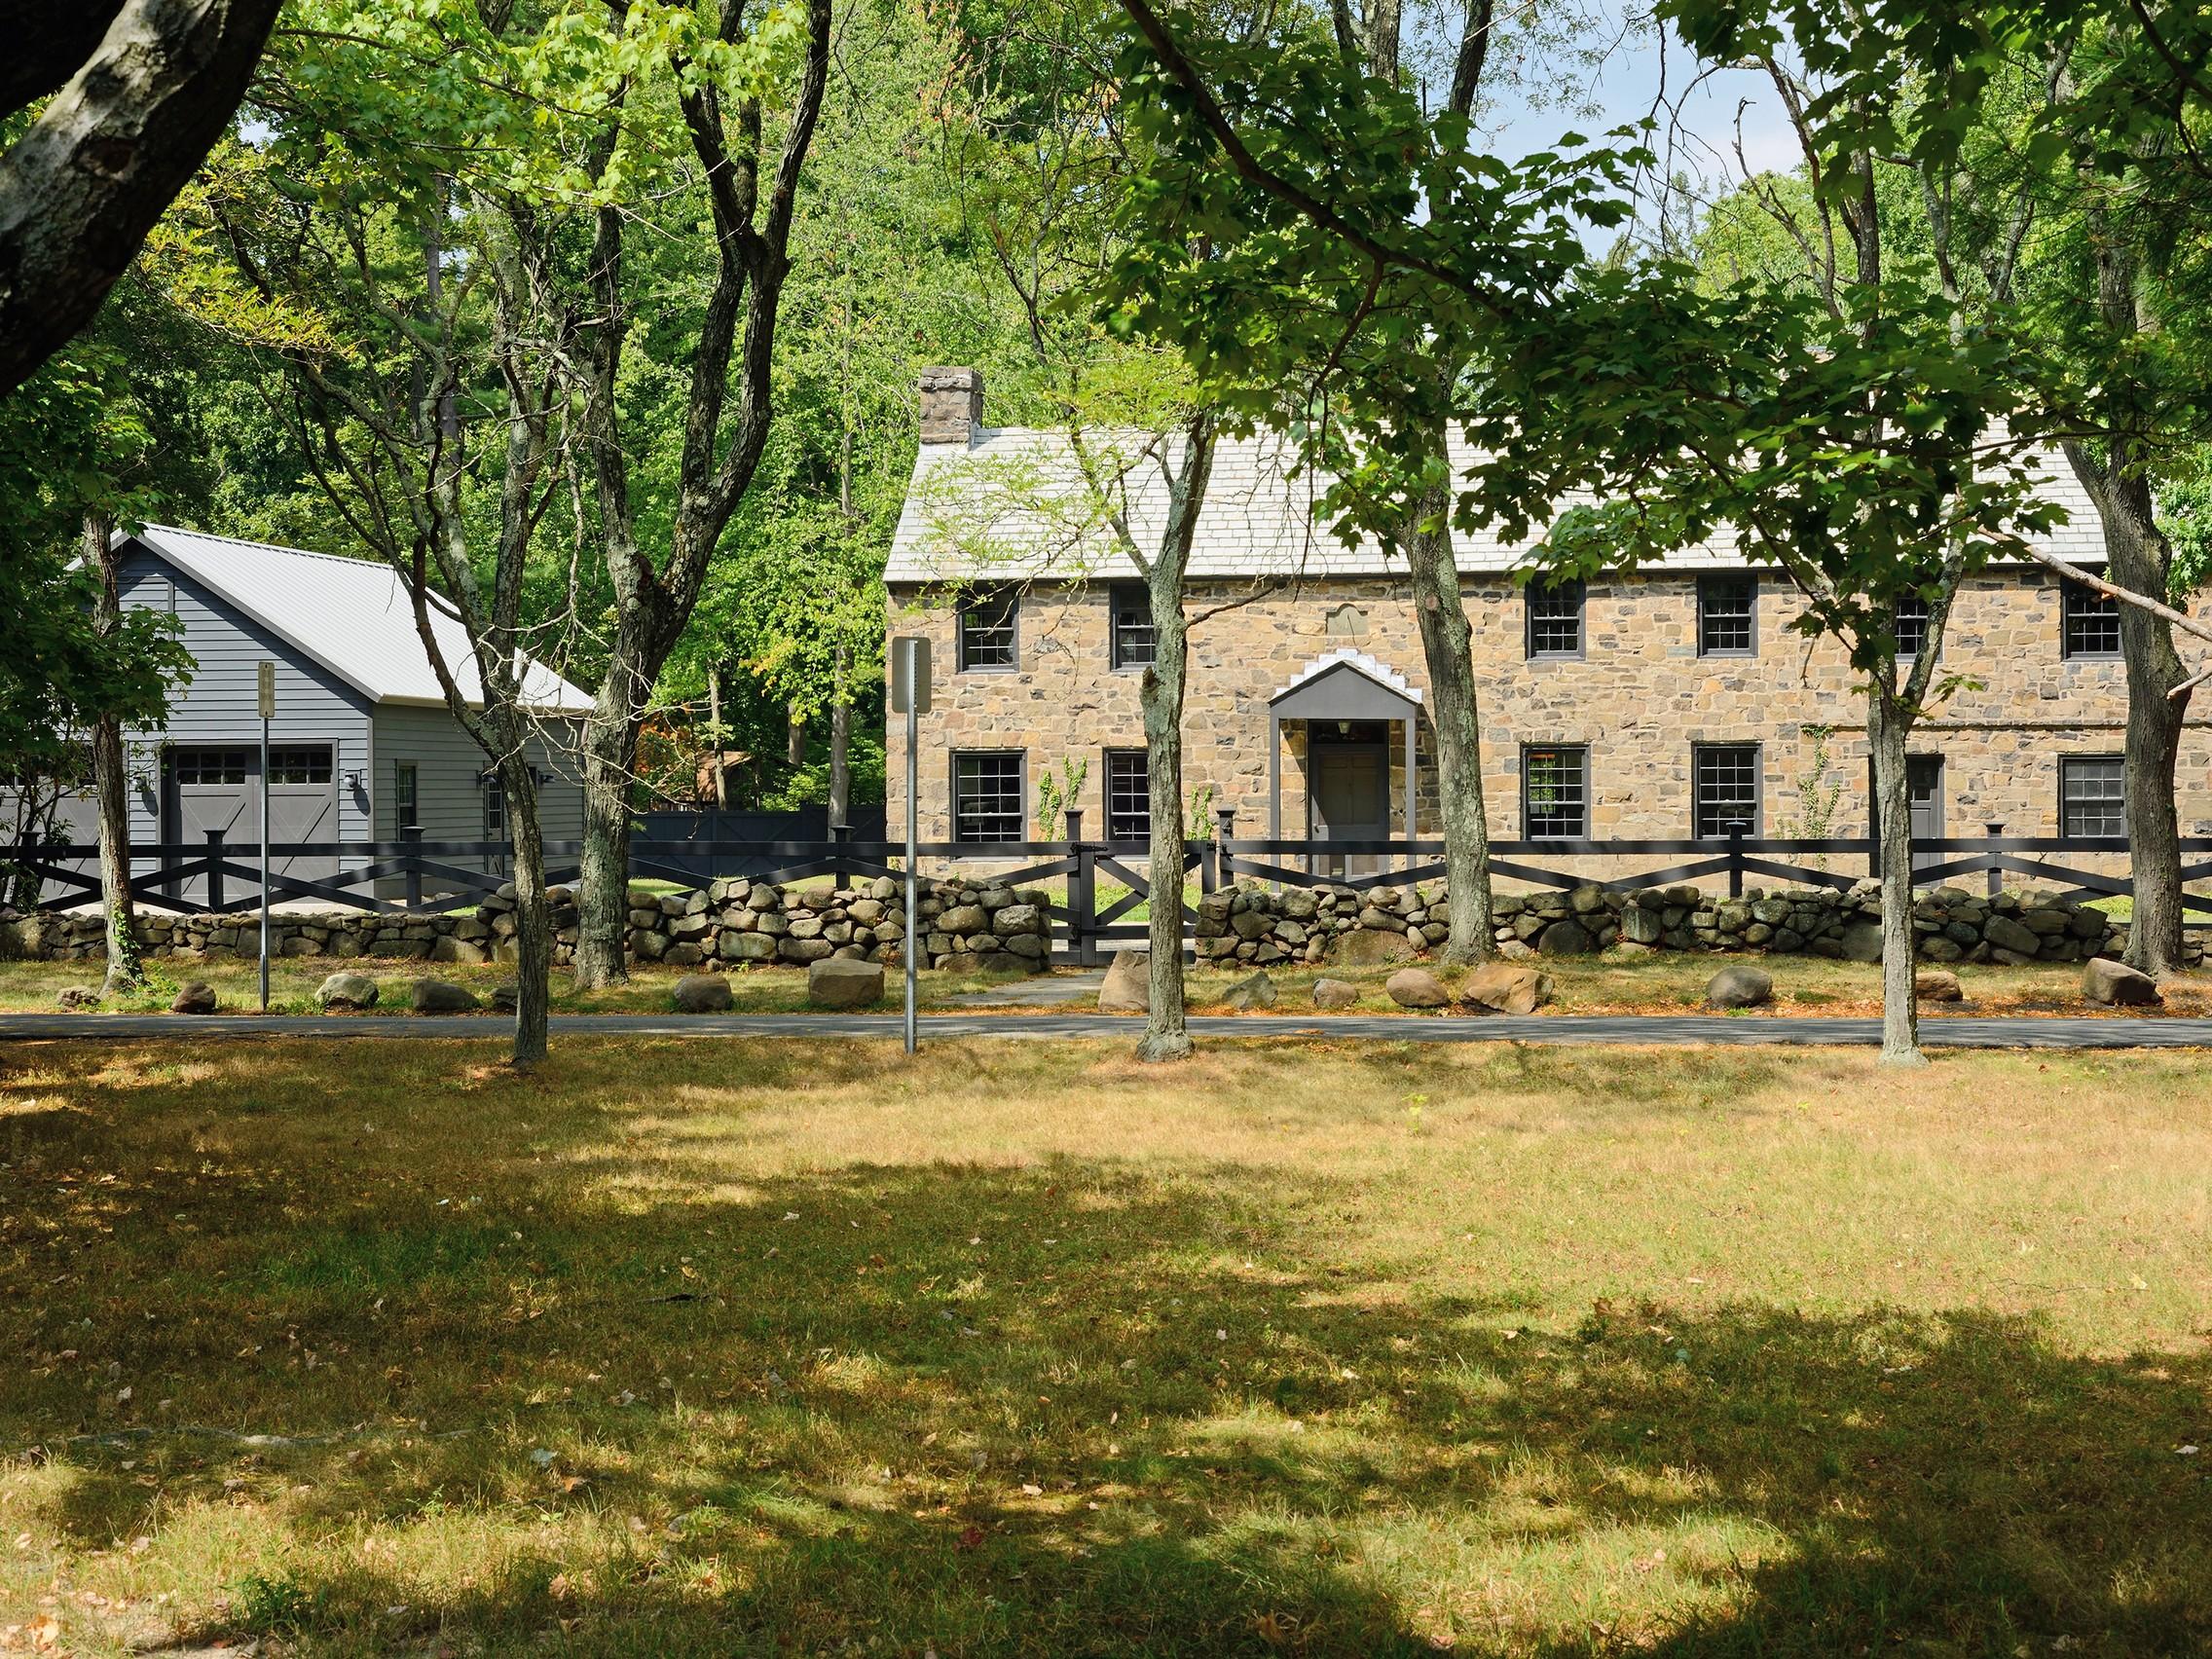 단독 가정 주택 용 매매 에 The Speer House 4 Woods Rd. Palisades, 뉴욕 10964 미국